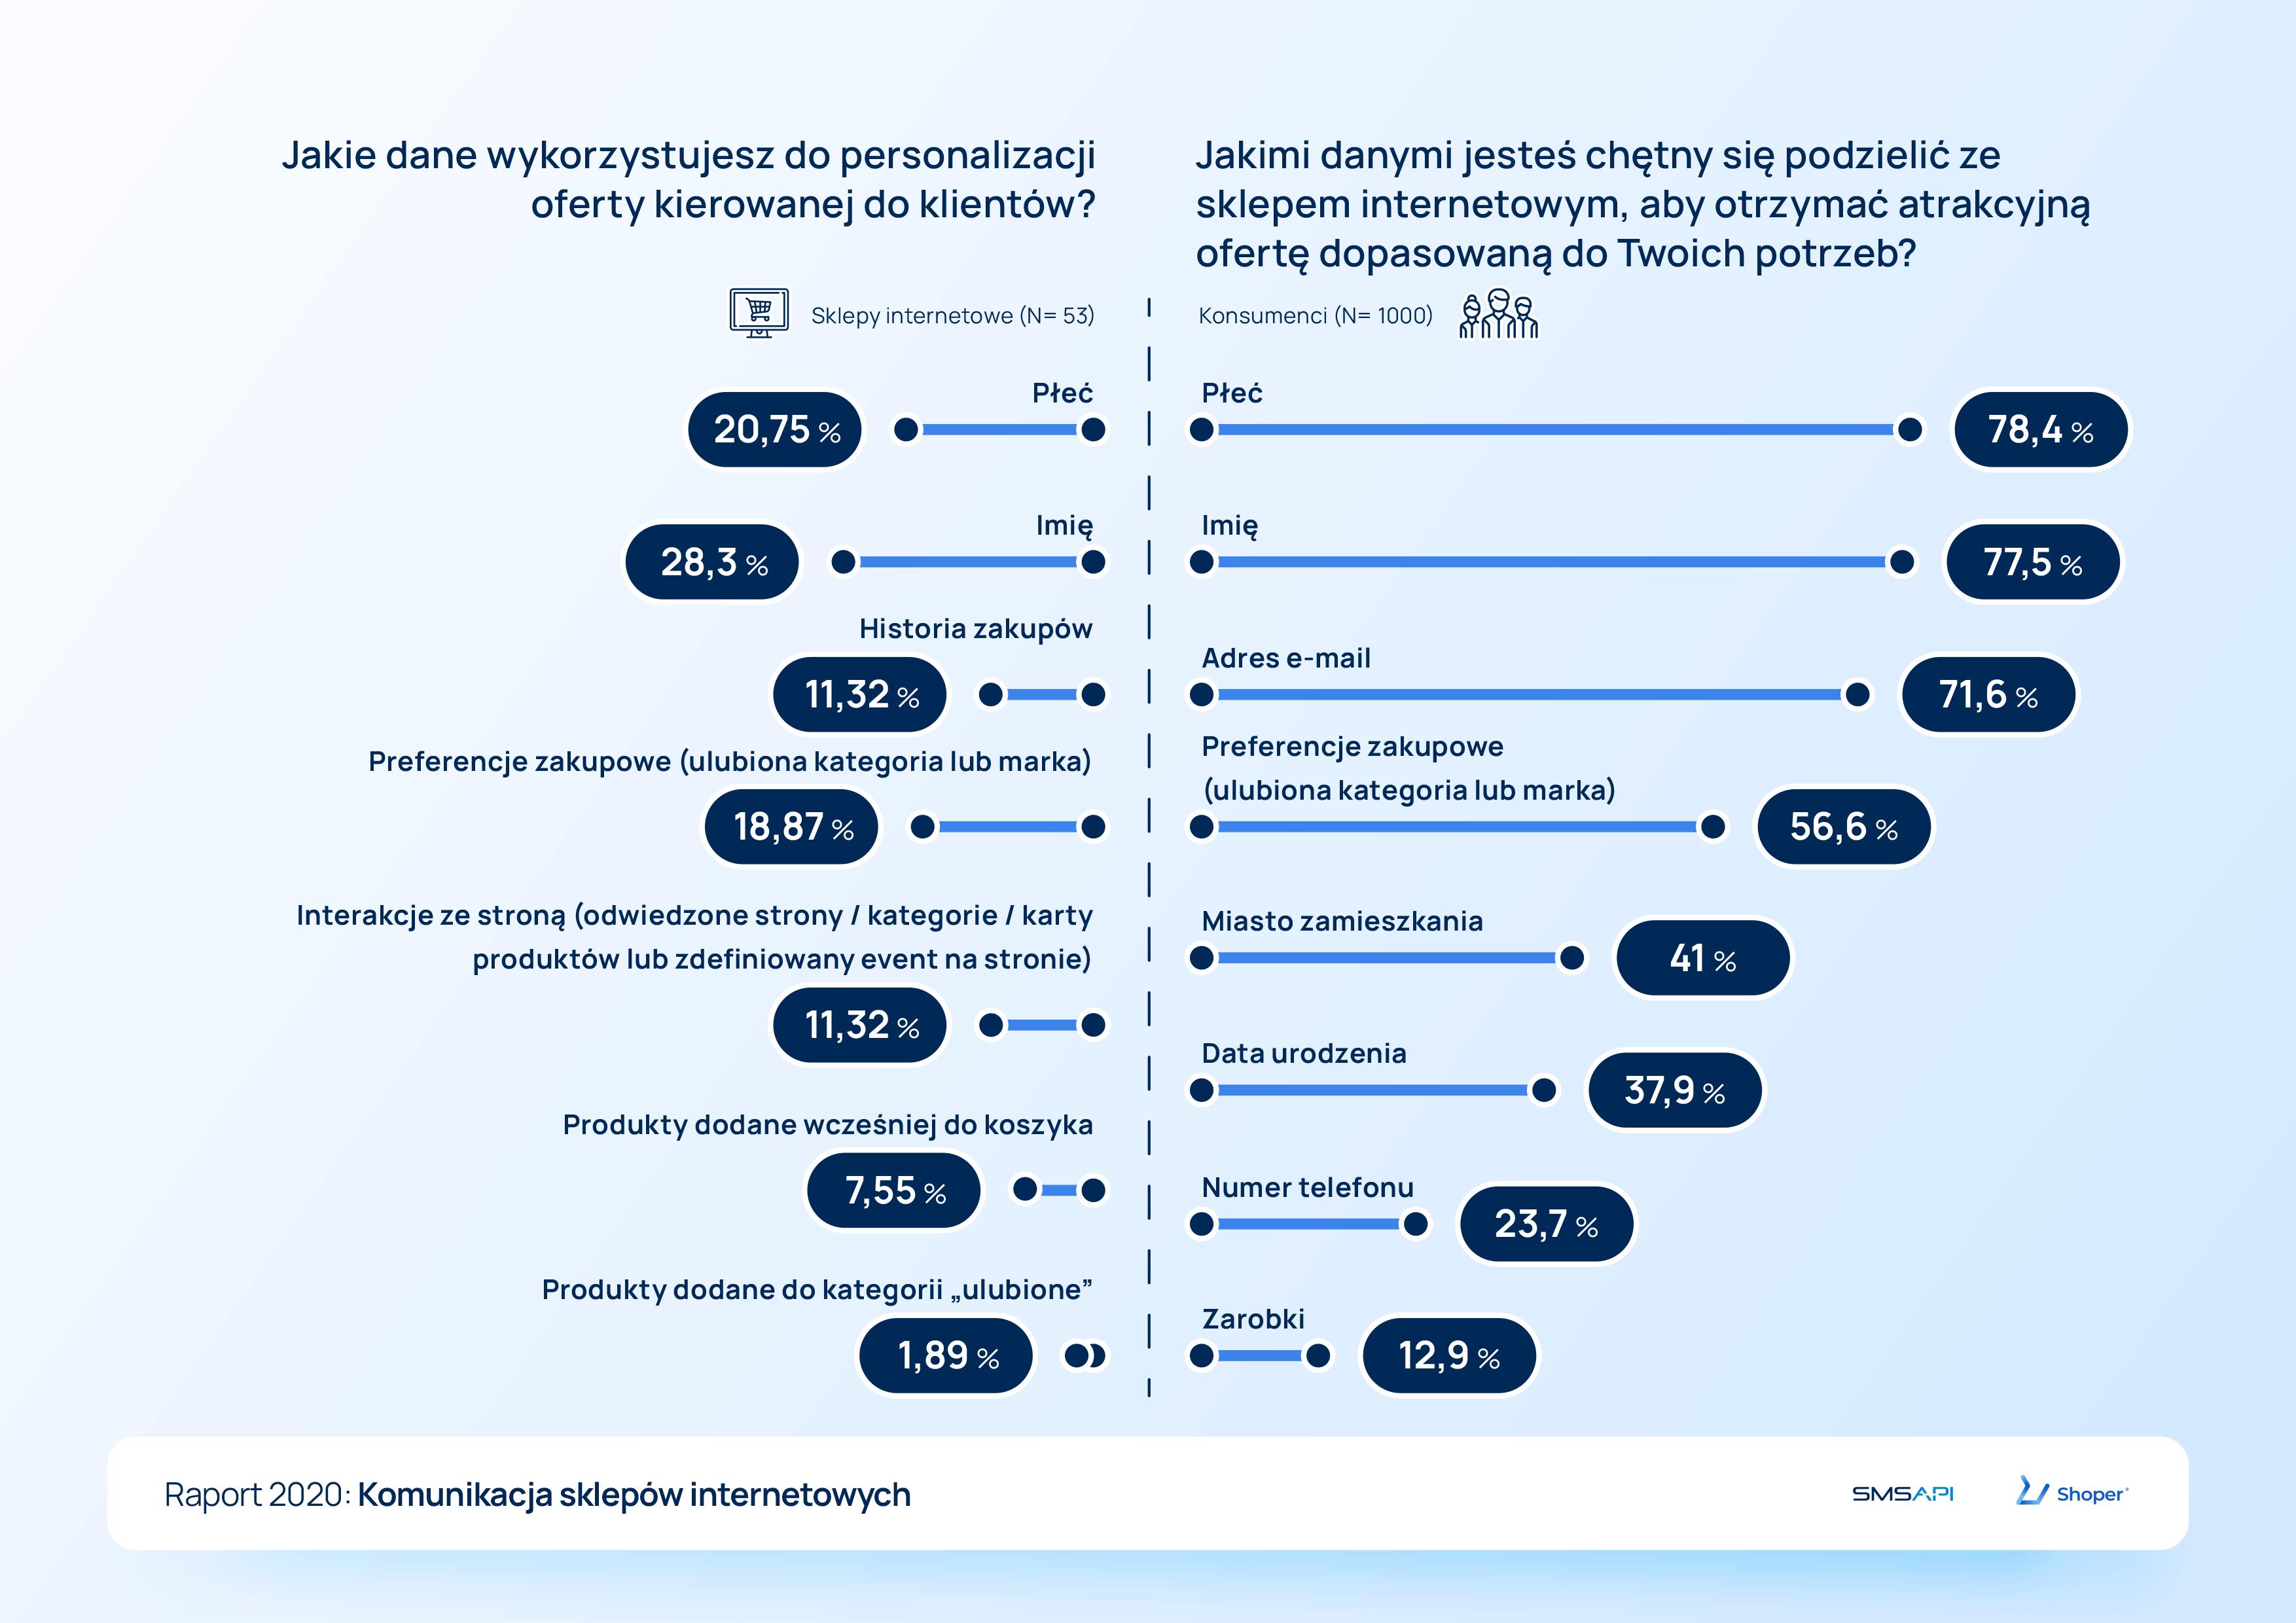 Dane i personalizacja oferty w handlu online - raport 2020